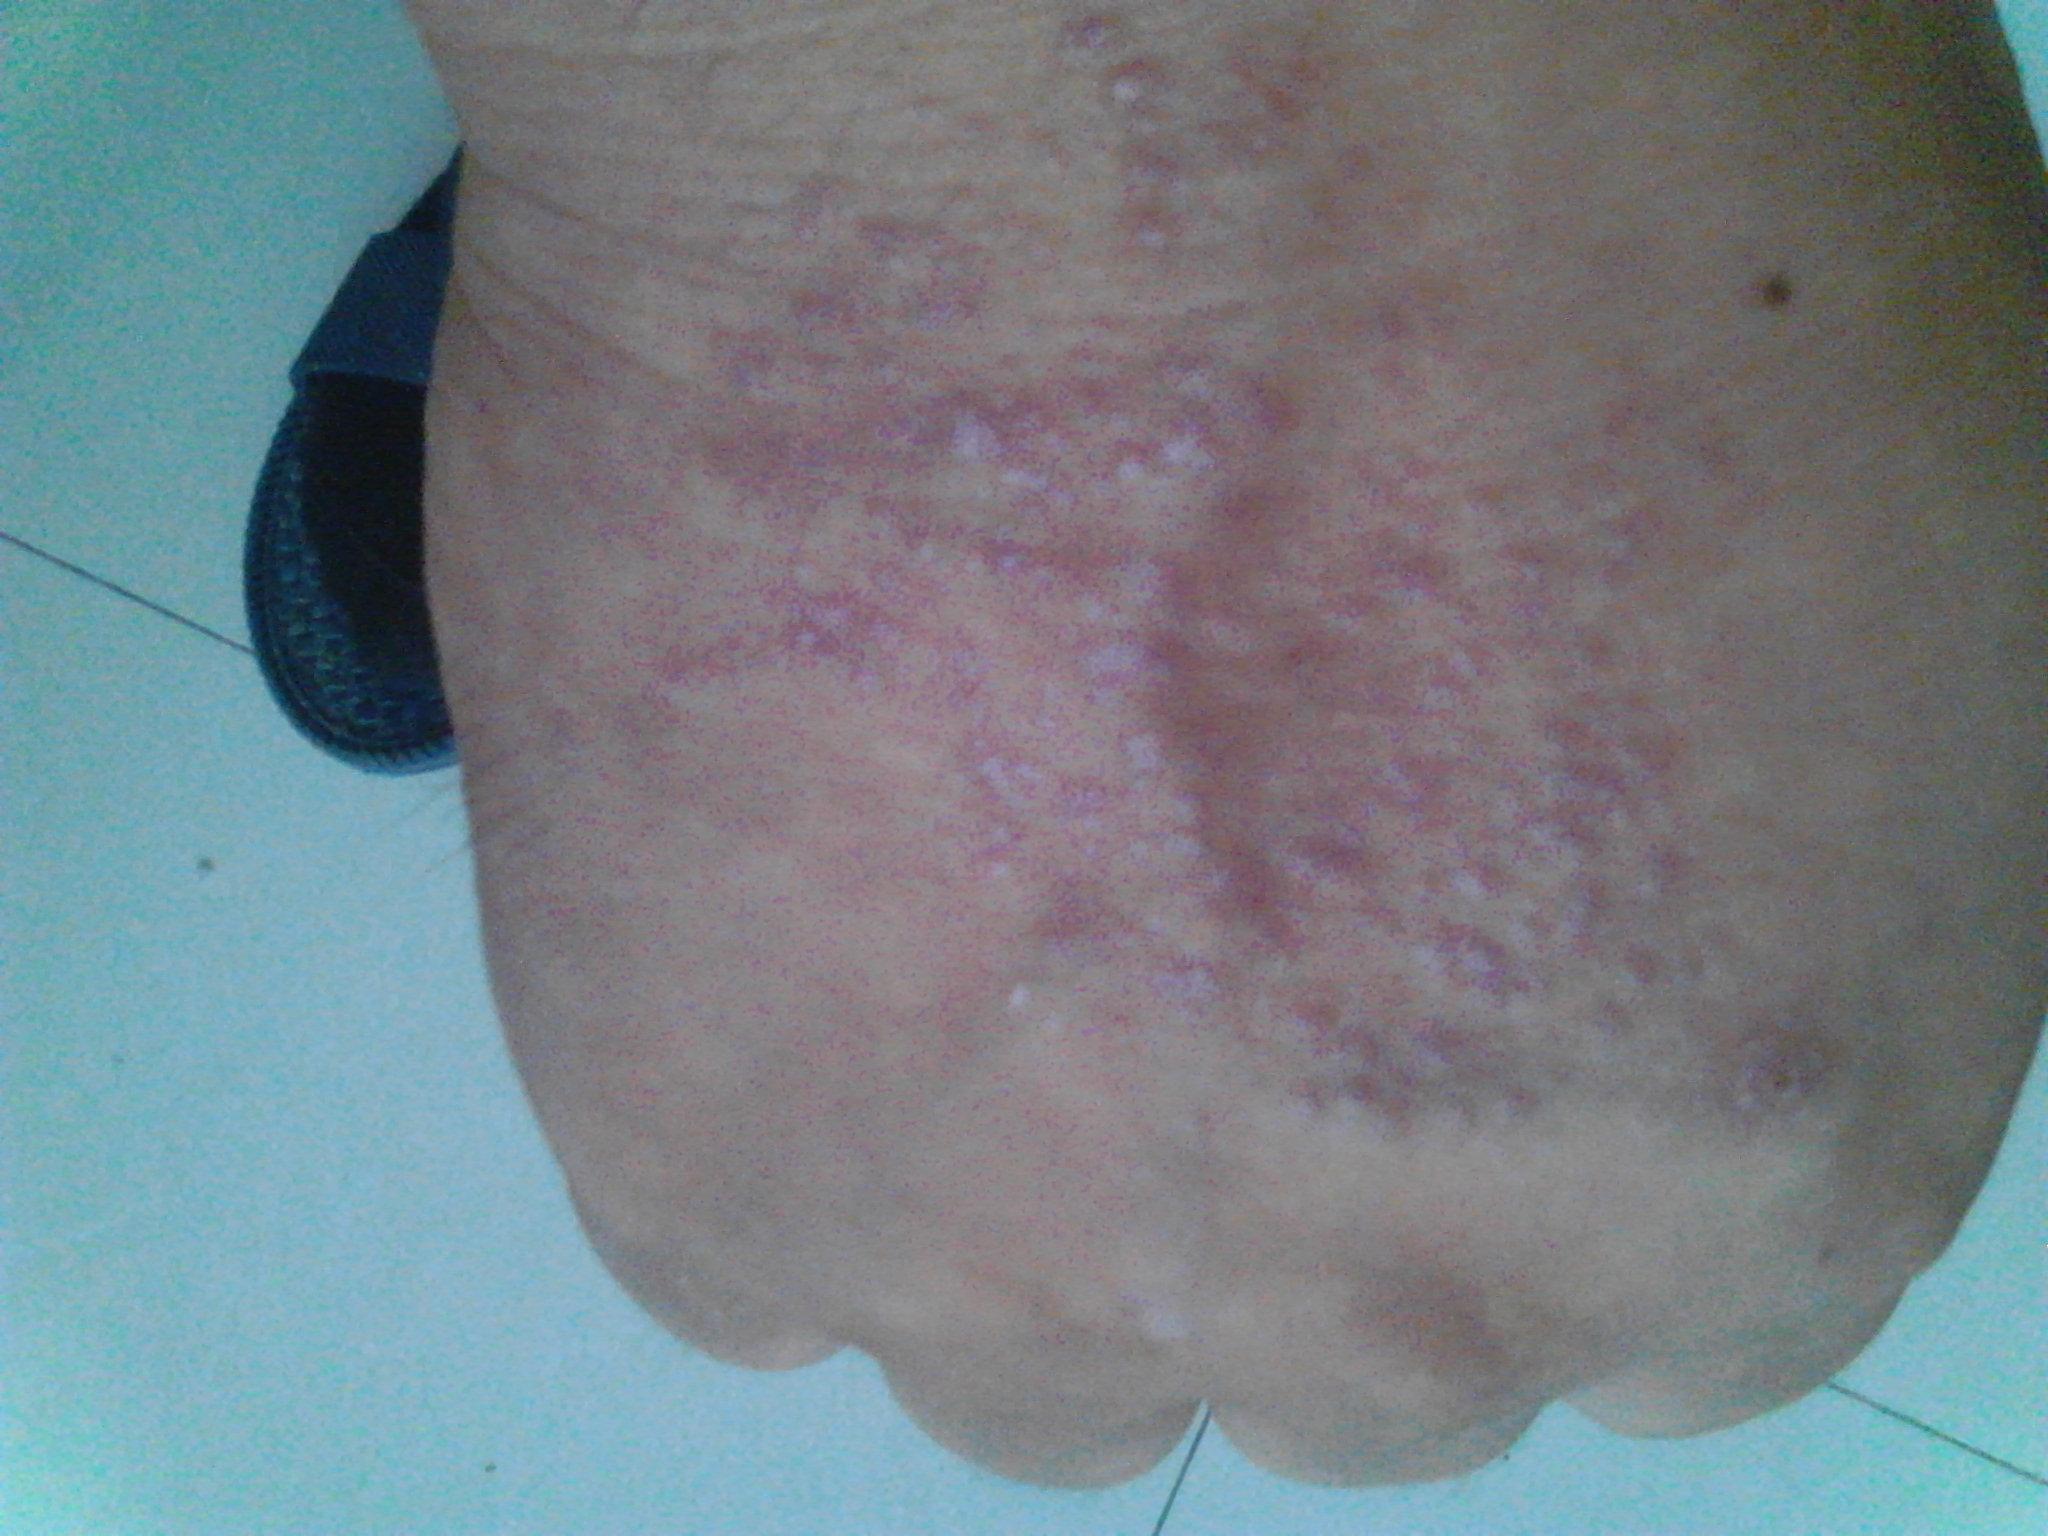 手背上皮炎引起真菌感染怎么治手背上皮炎引起真菌感染怎么治